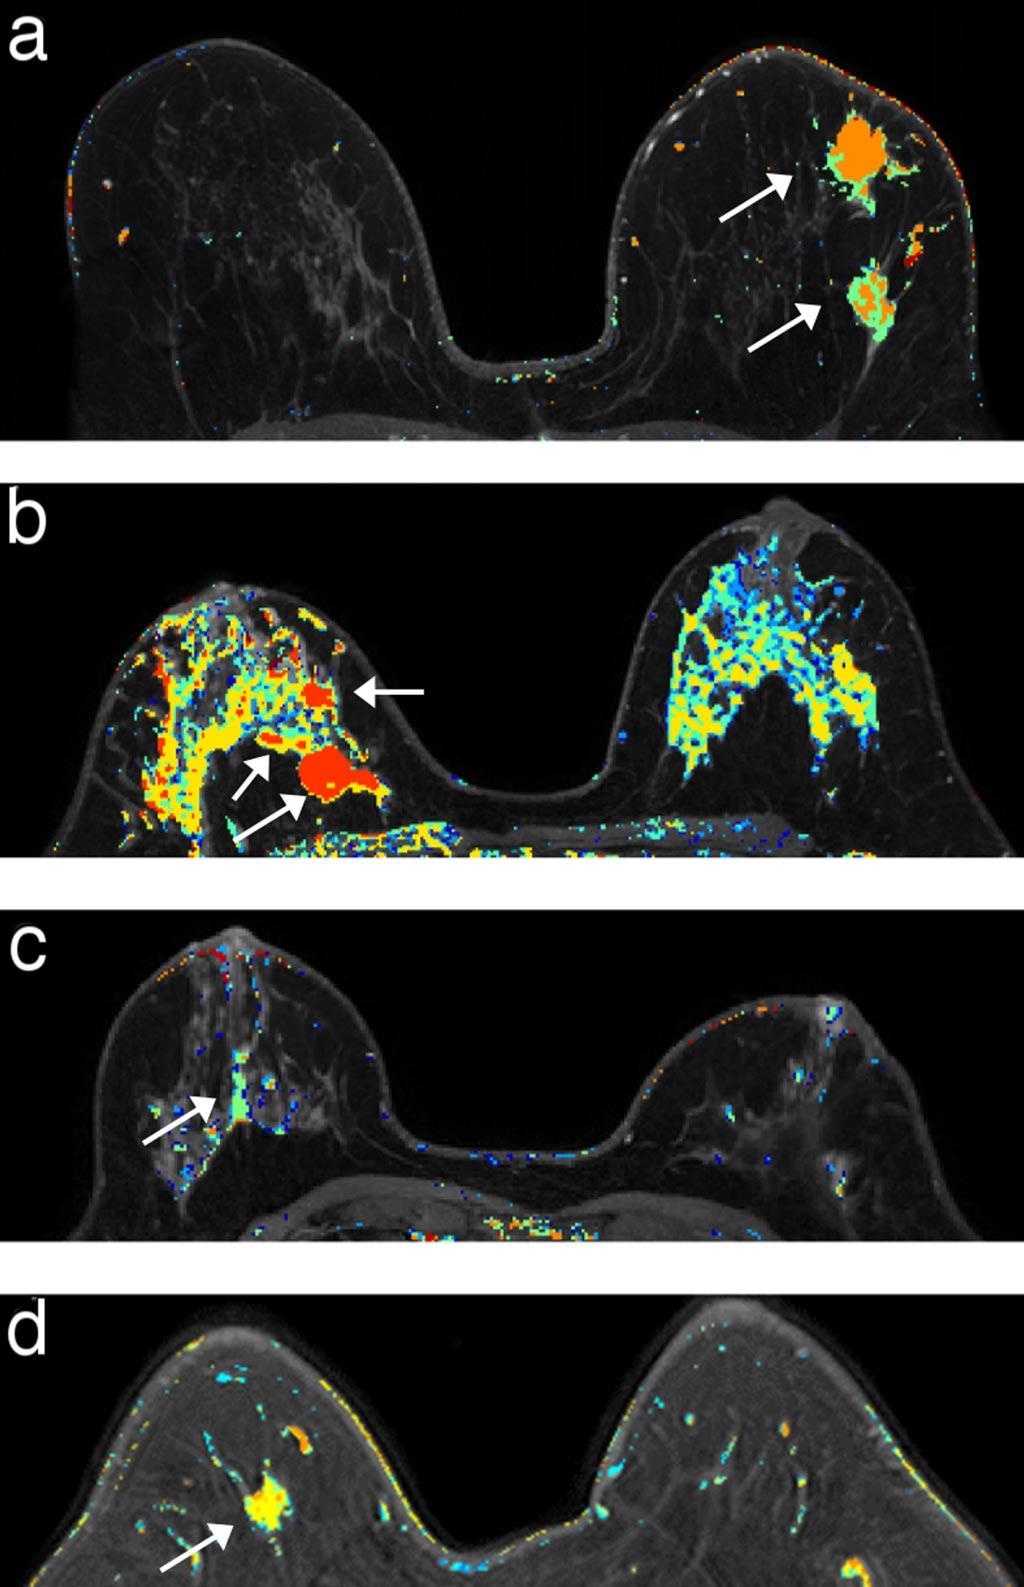 Прохождение DCE-МРТ каждые шесть месяцев поможет раньше выявить инвазивный рак молочной железы (фото любезно предоставлено Фредом Пинедой (Fred Pineda)/ UCM).